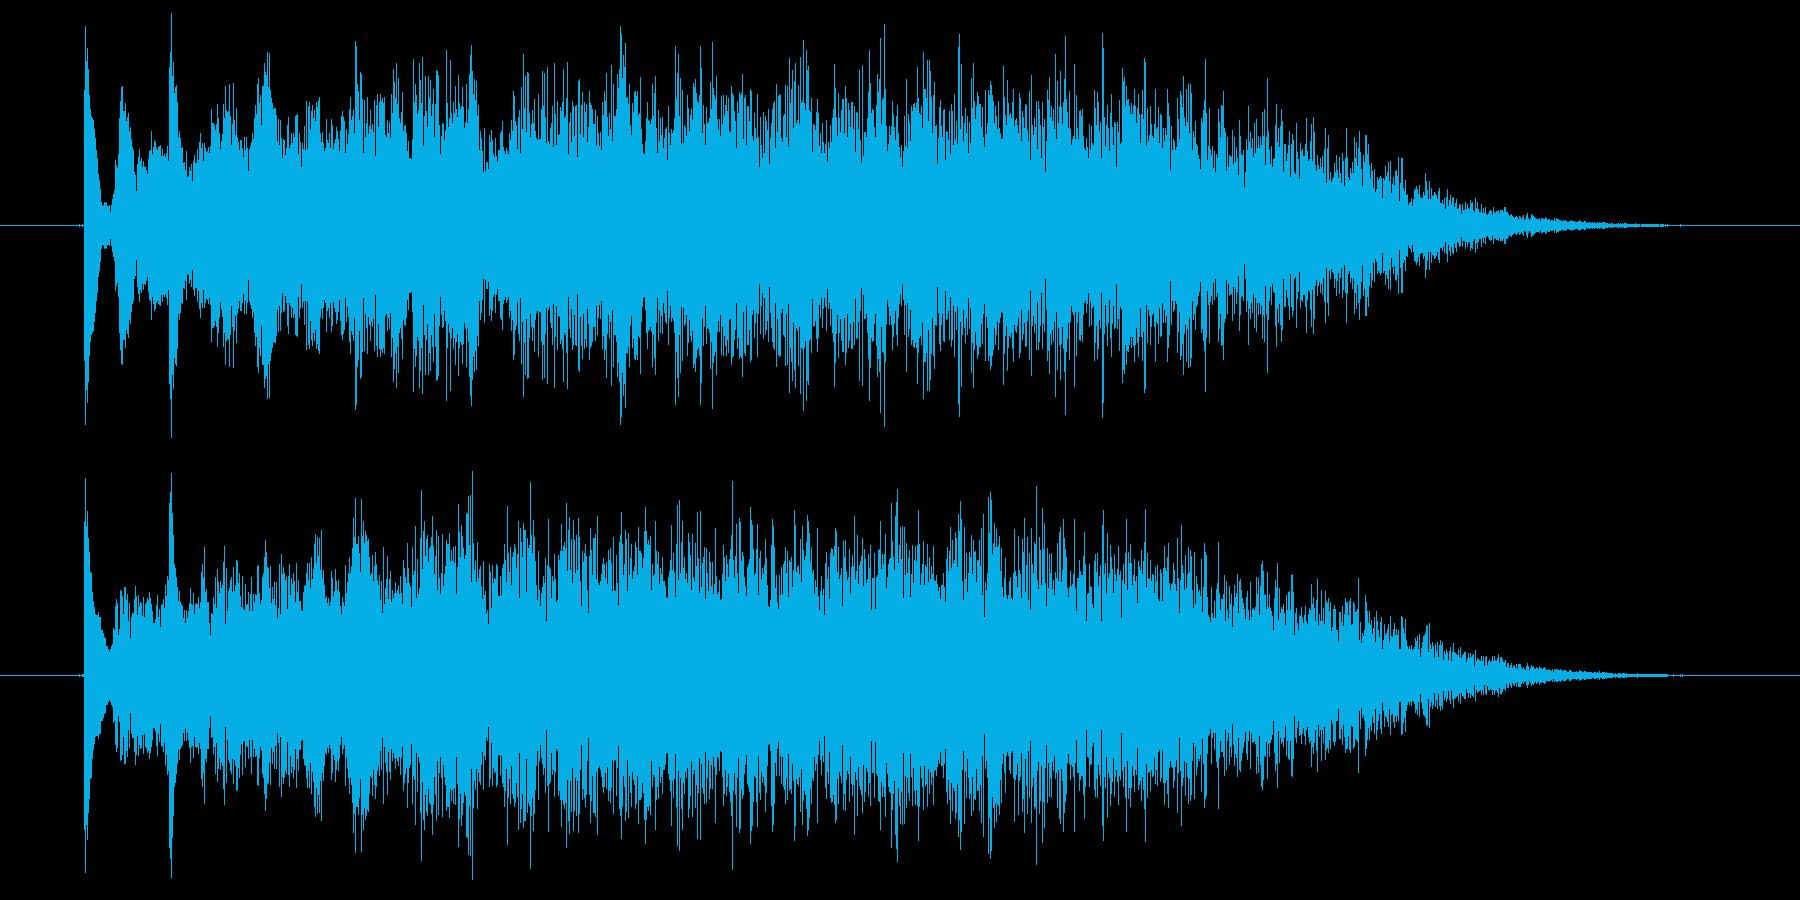 ジングル用BGM(夜の光&幻想的)の再生済みの波形